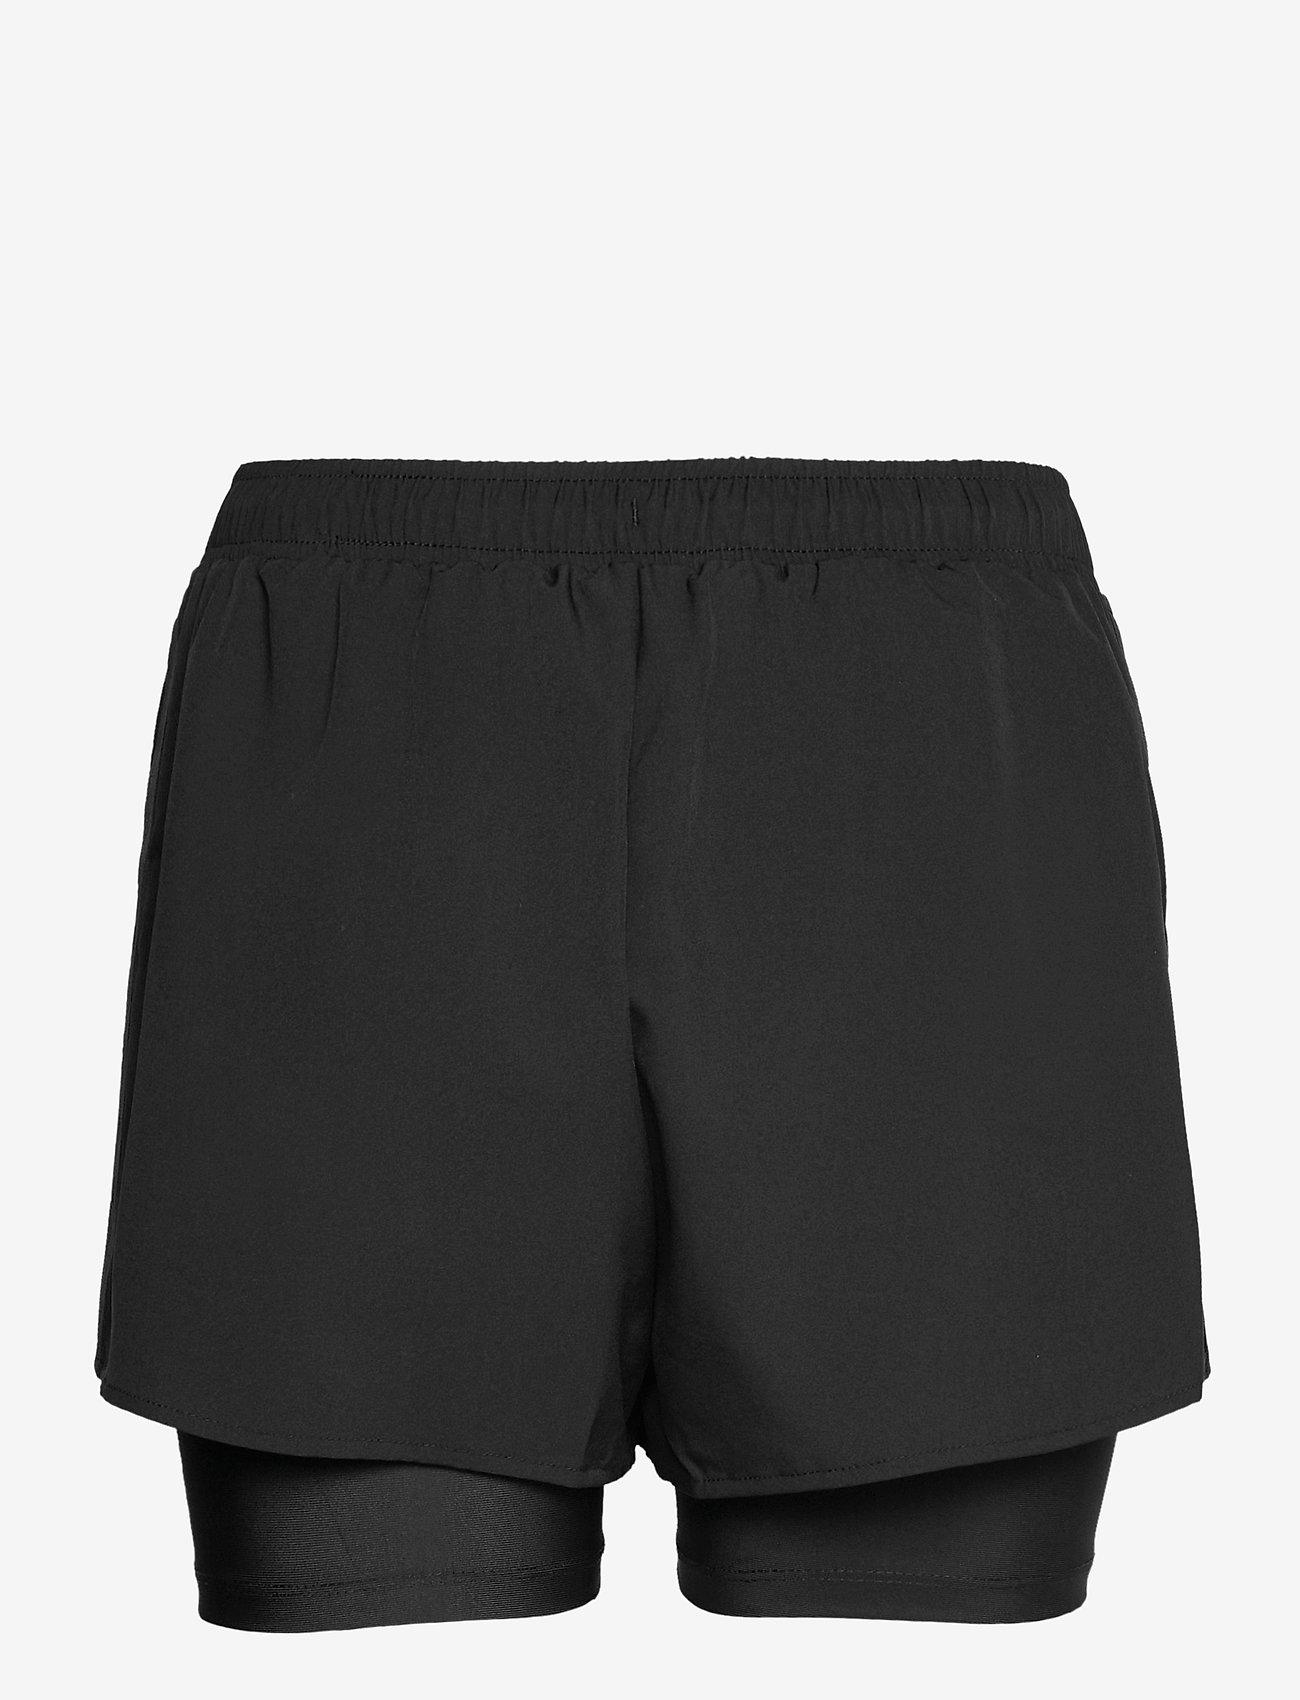 Röhnisch - Kay Shorts - træningsshorts - black - 1